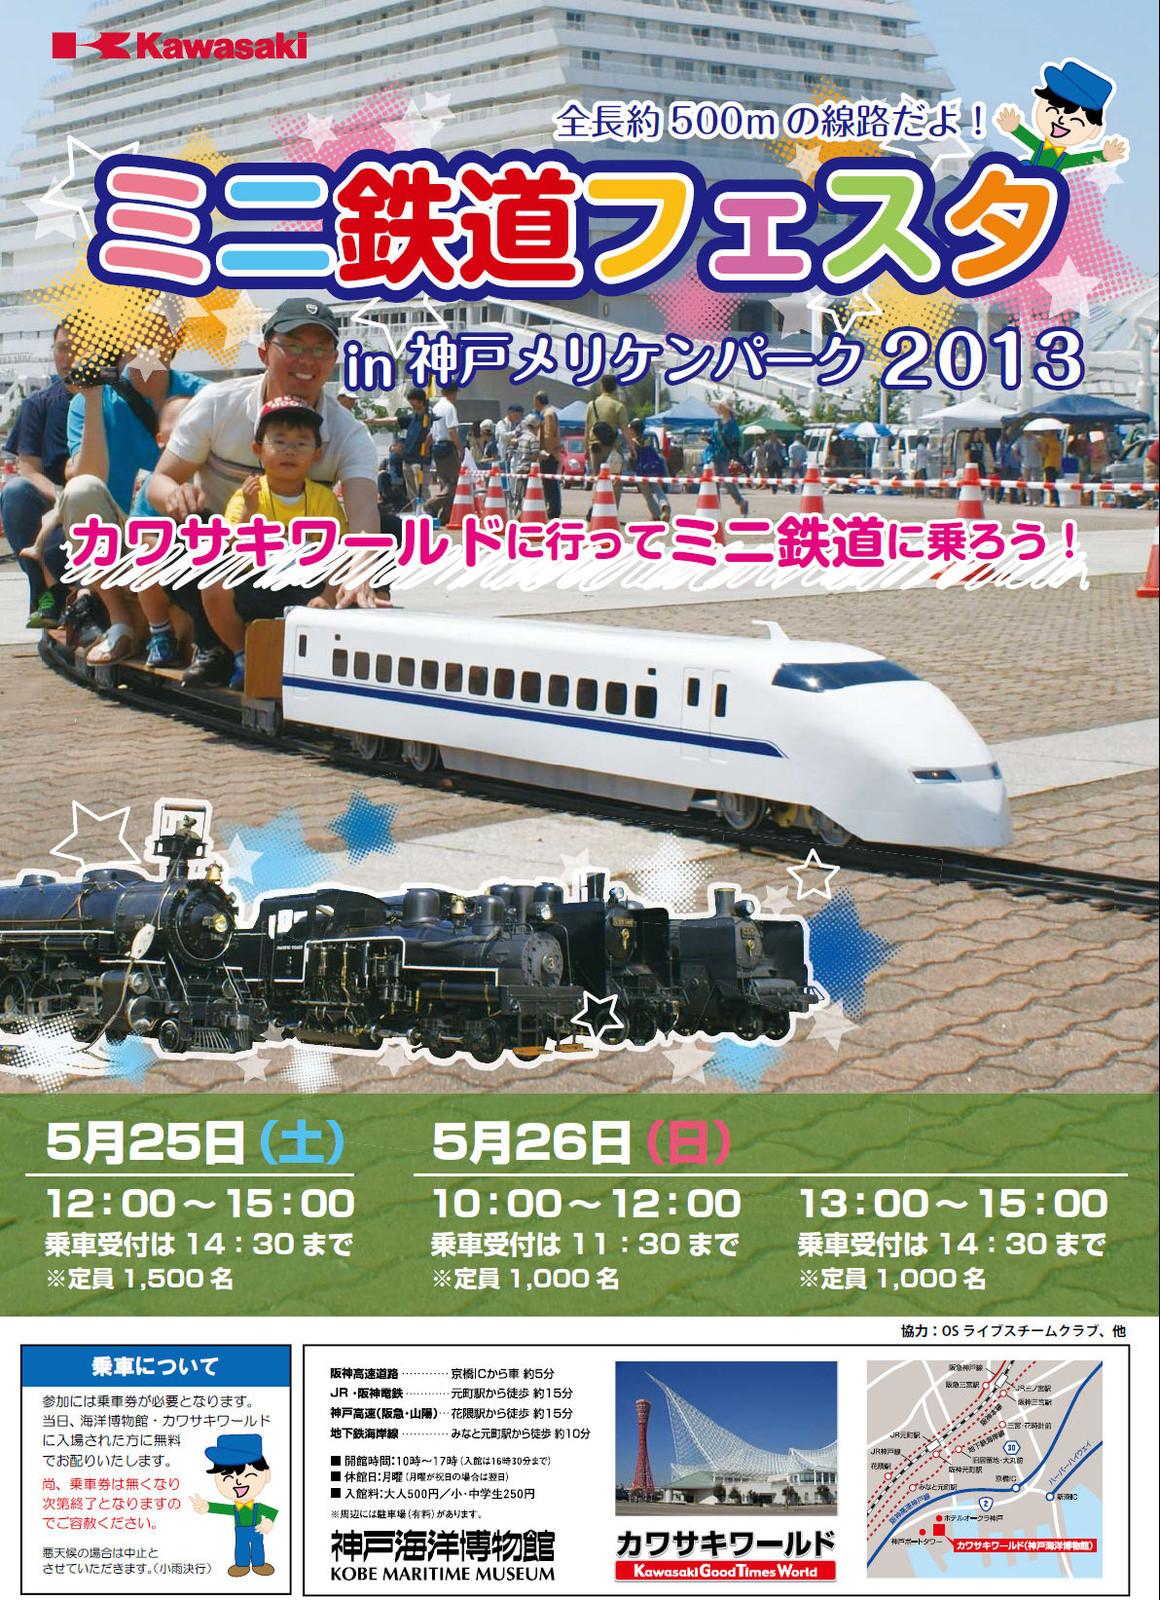 ミニ鉄道フェスタ in 神戸メリケンパーク2013